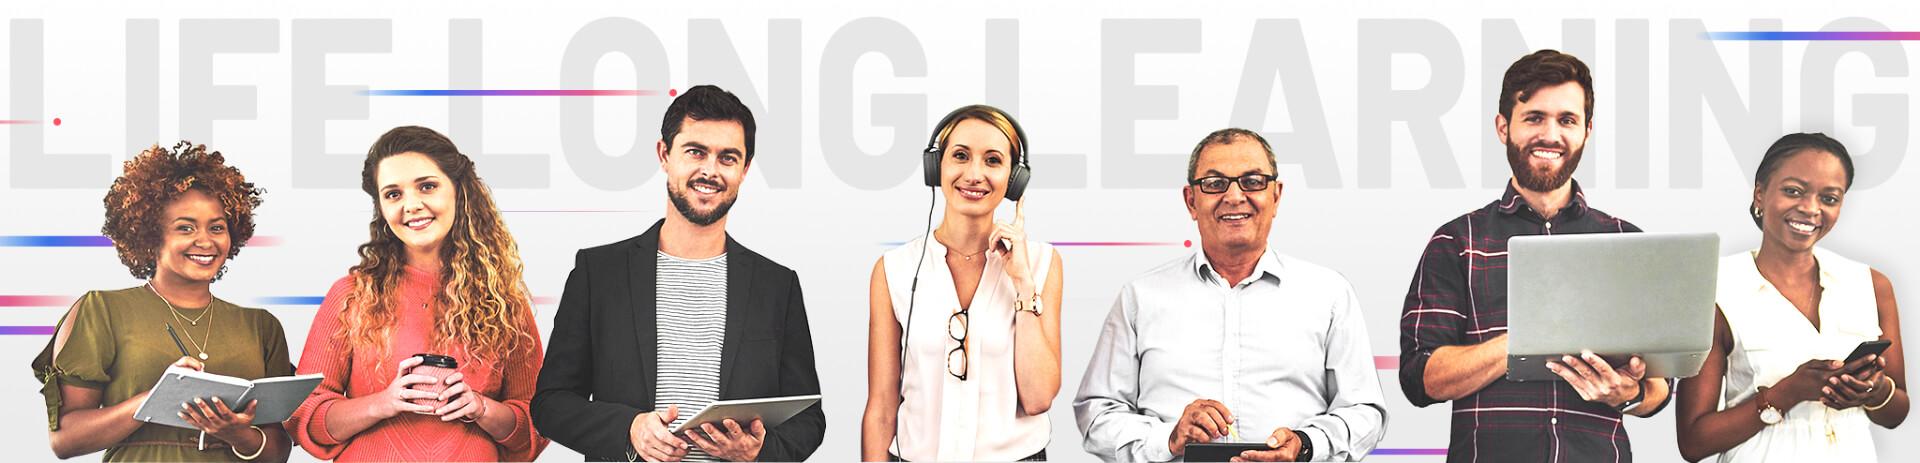 Imagem com texto 'Life Long Learning' e diversas pessoas (desktop)